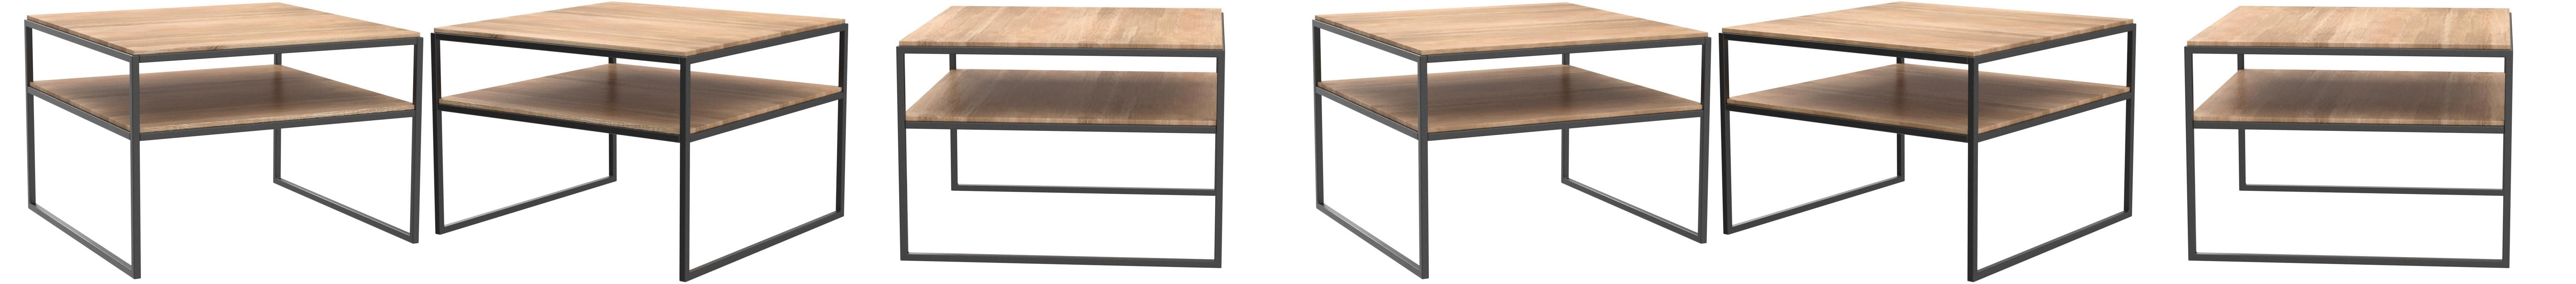 Holz L/änge braun Breite 65cm H/öhe 45cm HomeTrends4You Mika 1 Couchtisch//Beistelltisch